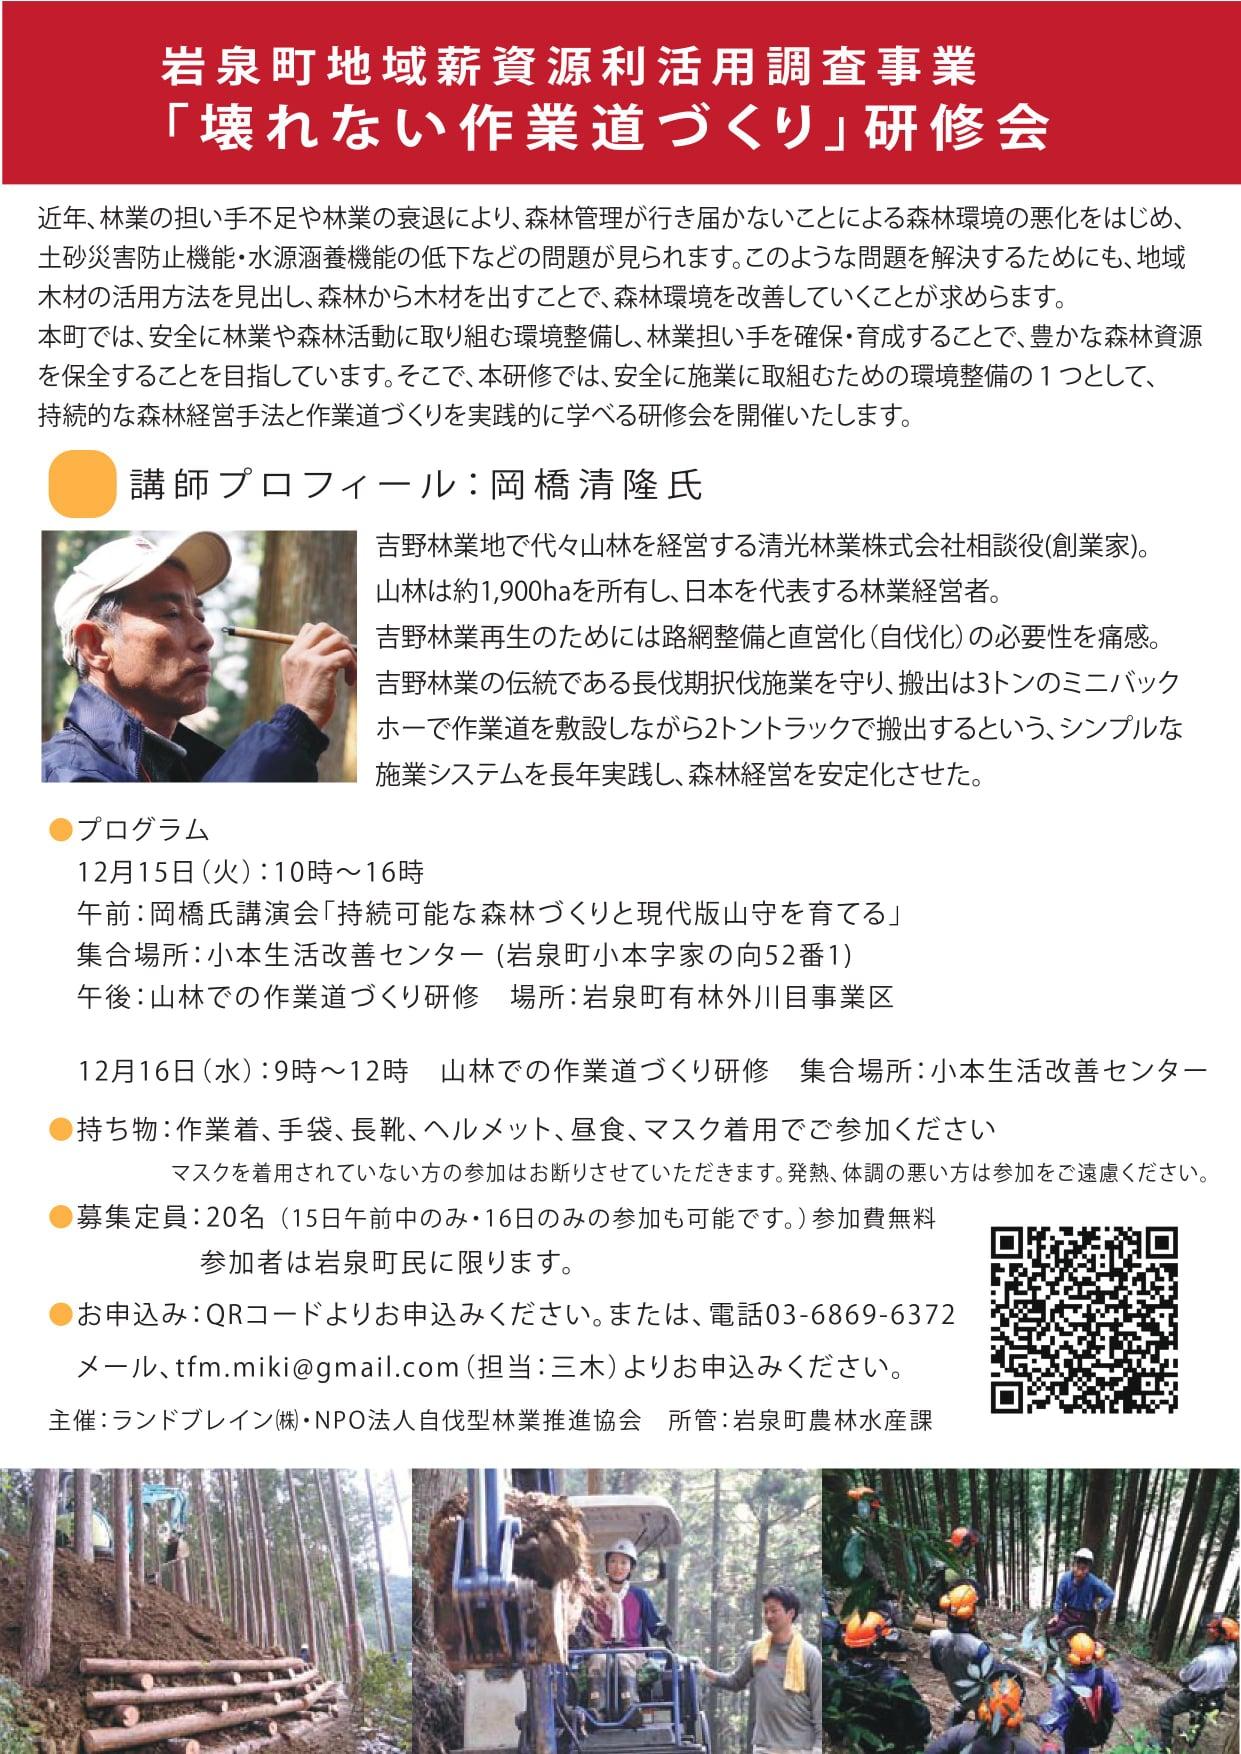 12月15日に岩手県岩泉で「壊れない道づくり」研修を開催